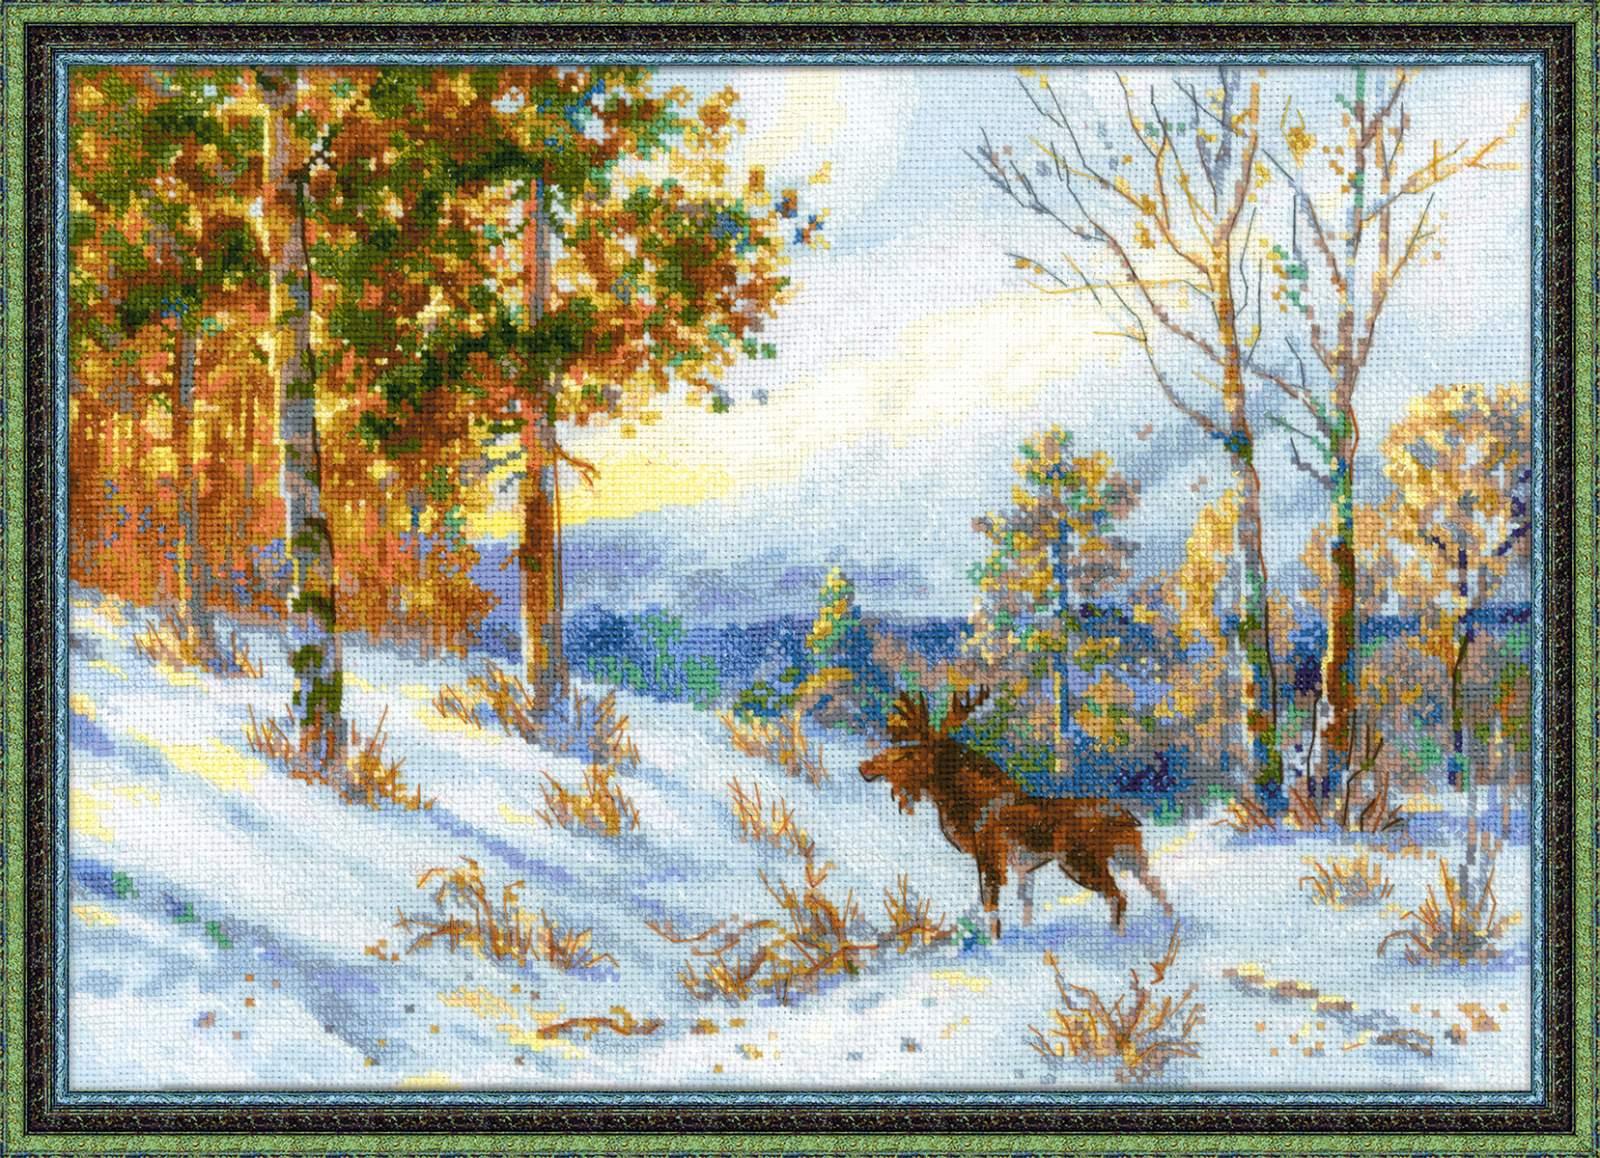 вышивка по мотивам картины лось в зимнем лесу